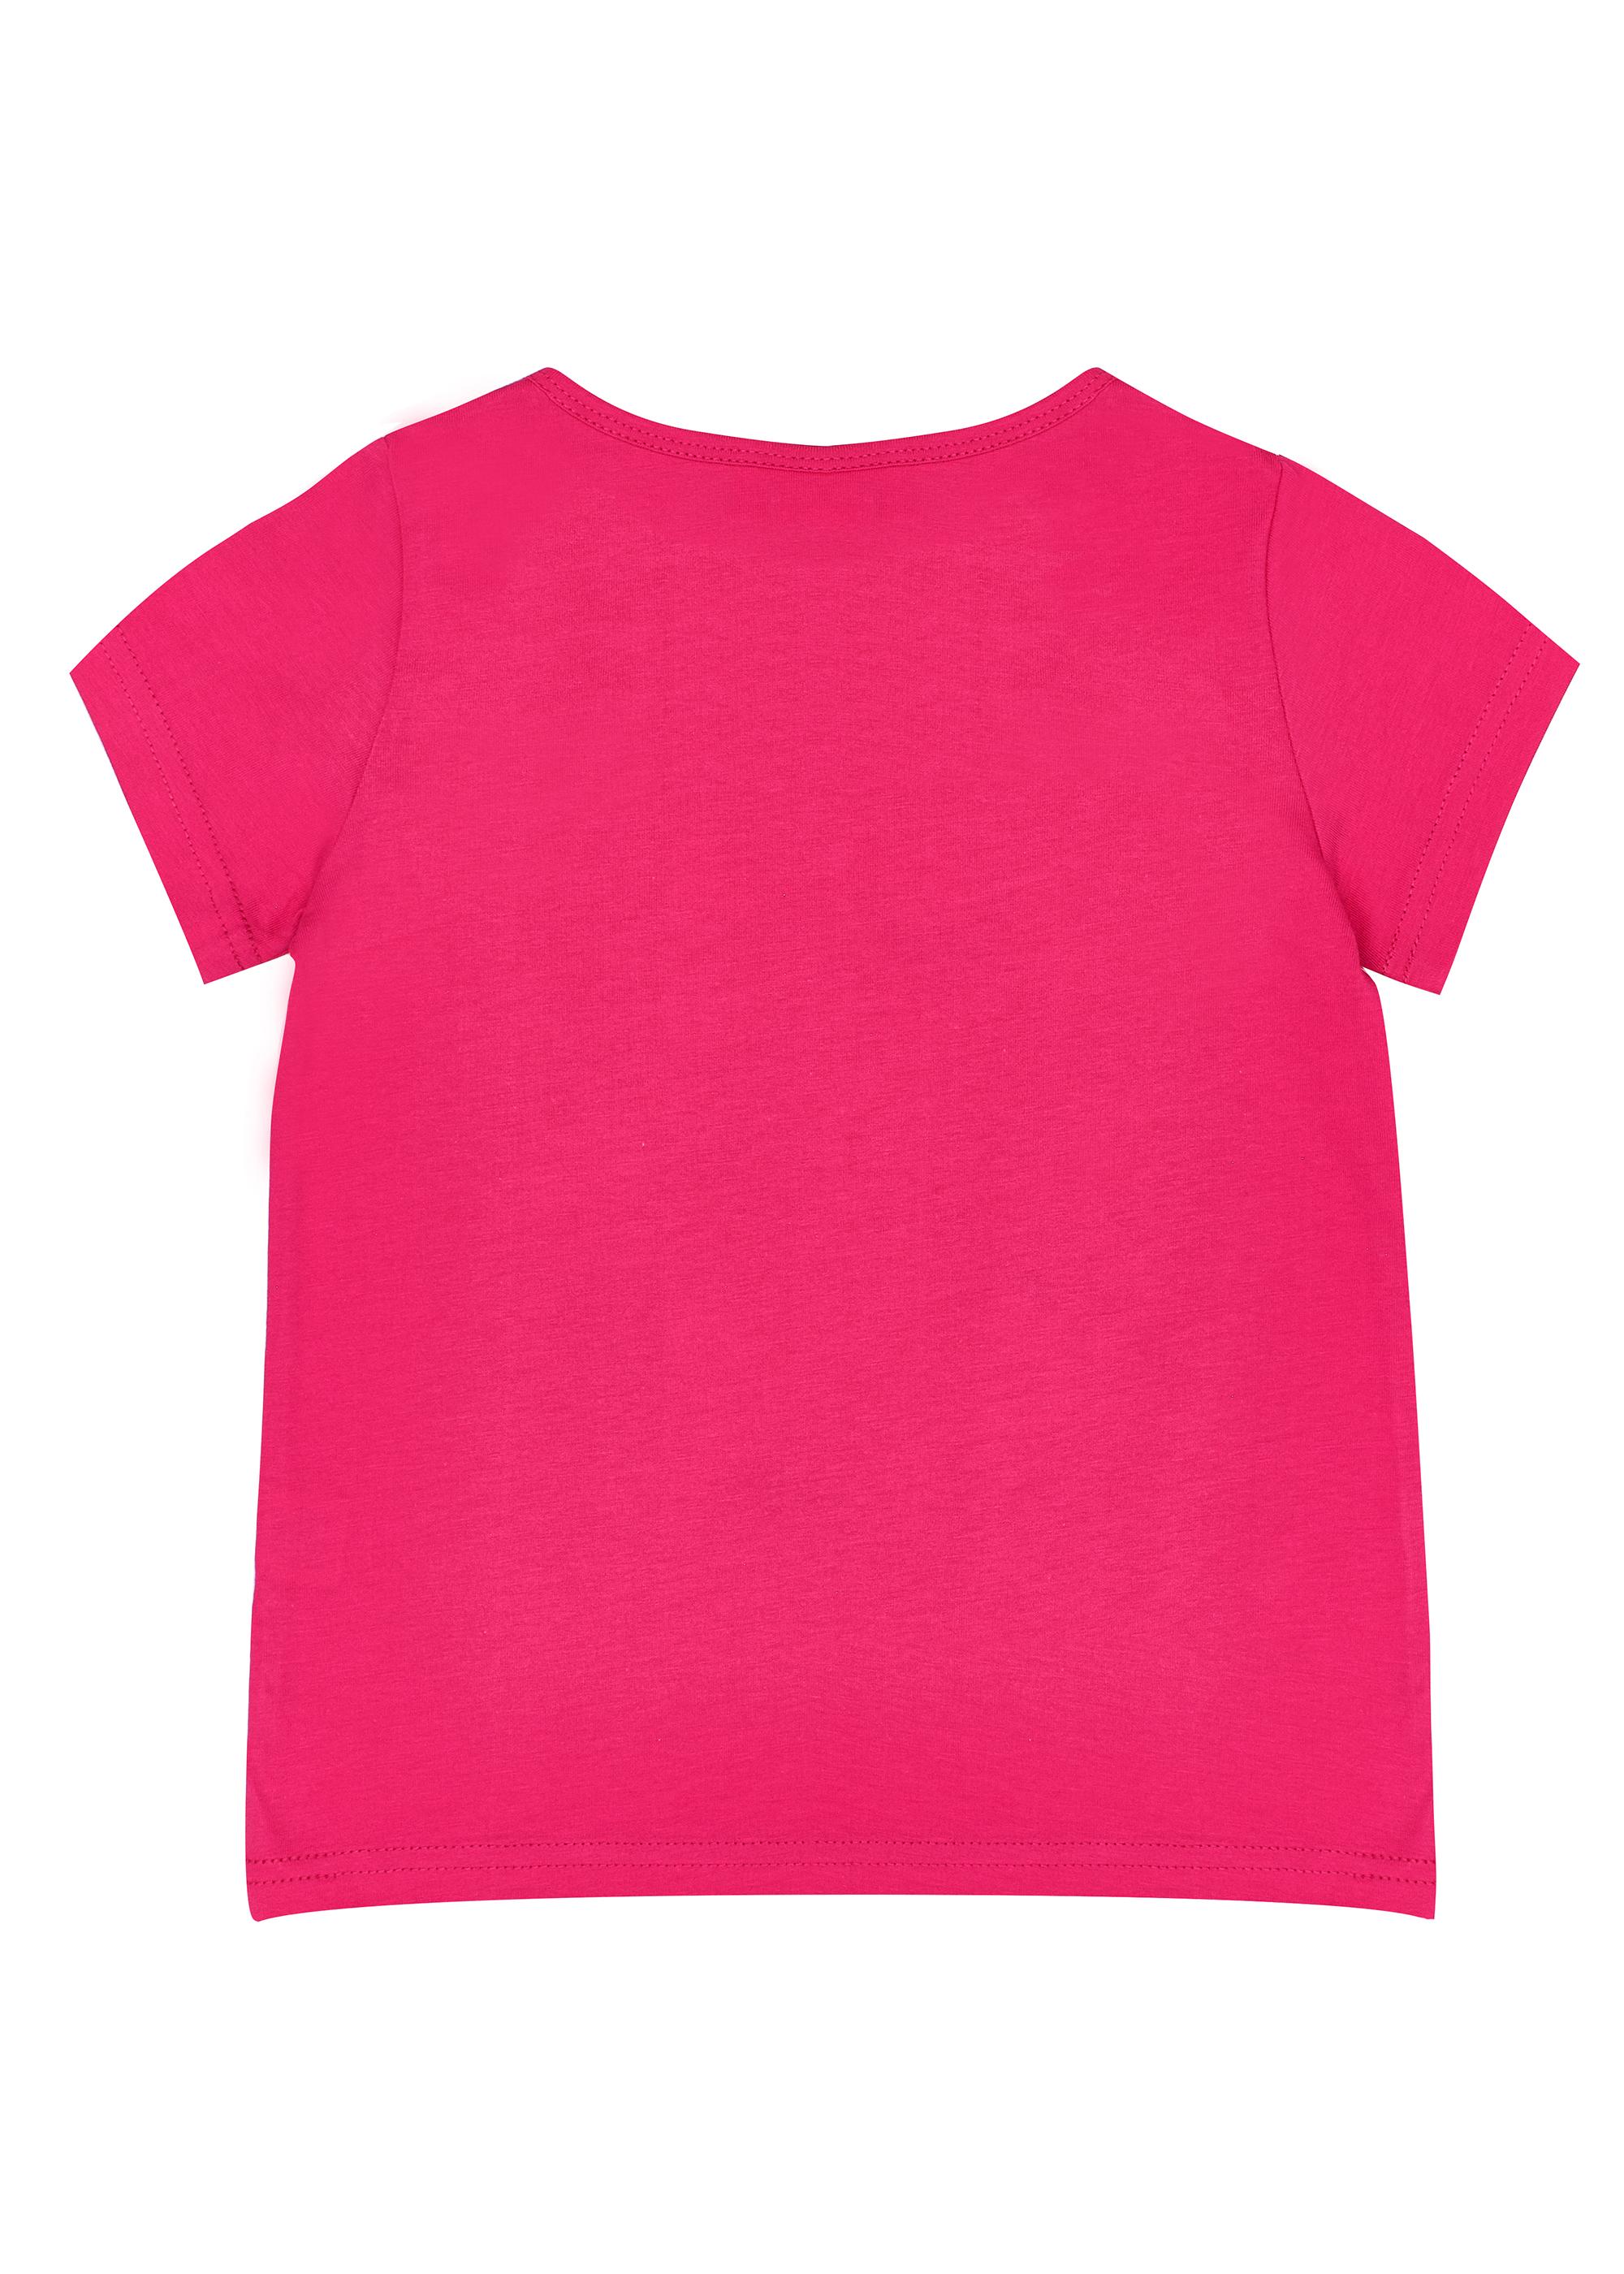 Dívčí tričko I love Paris - NAVY Fuchsie, Navy/Bílá, Růžová